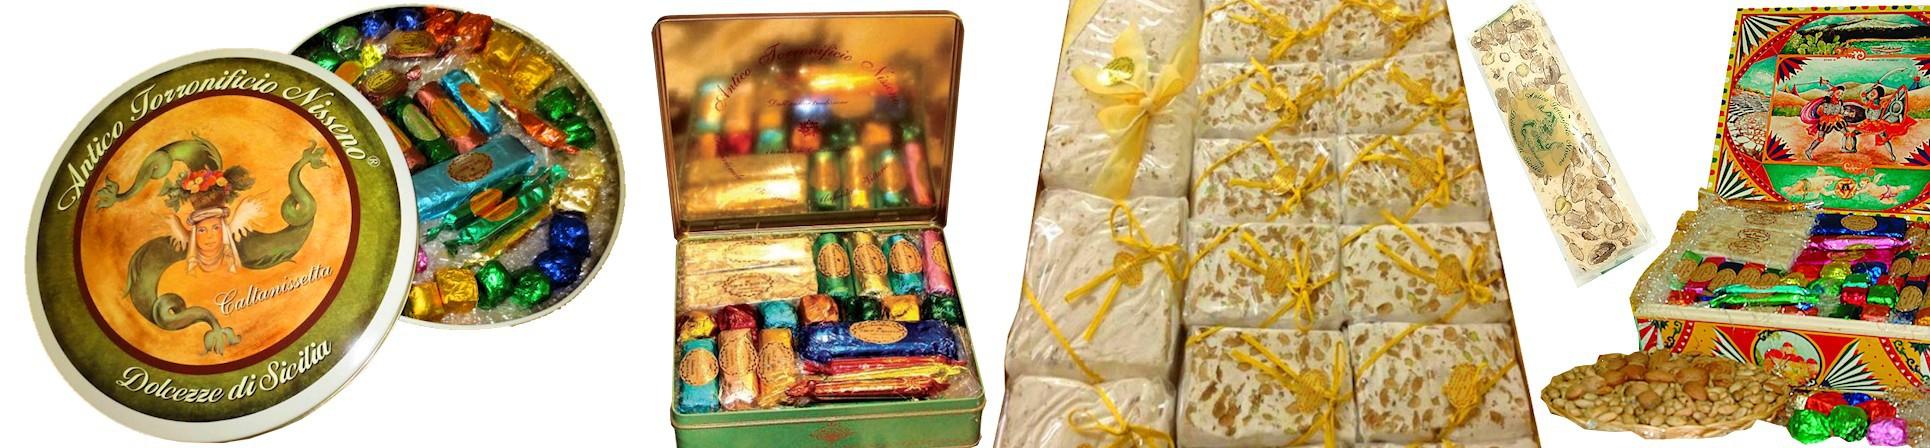 torrone alle mandorle, cioccolatini Antico Torronificio Nisseno vendita online